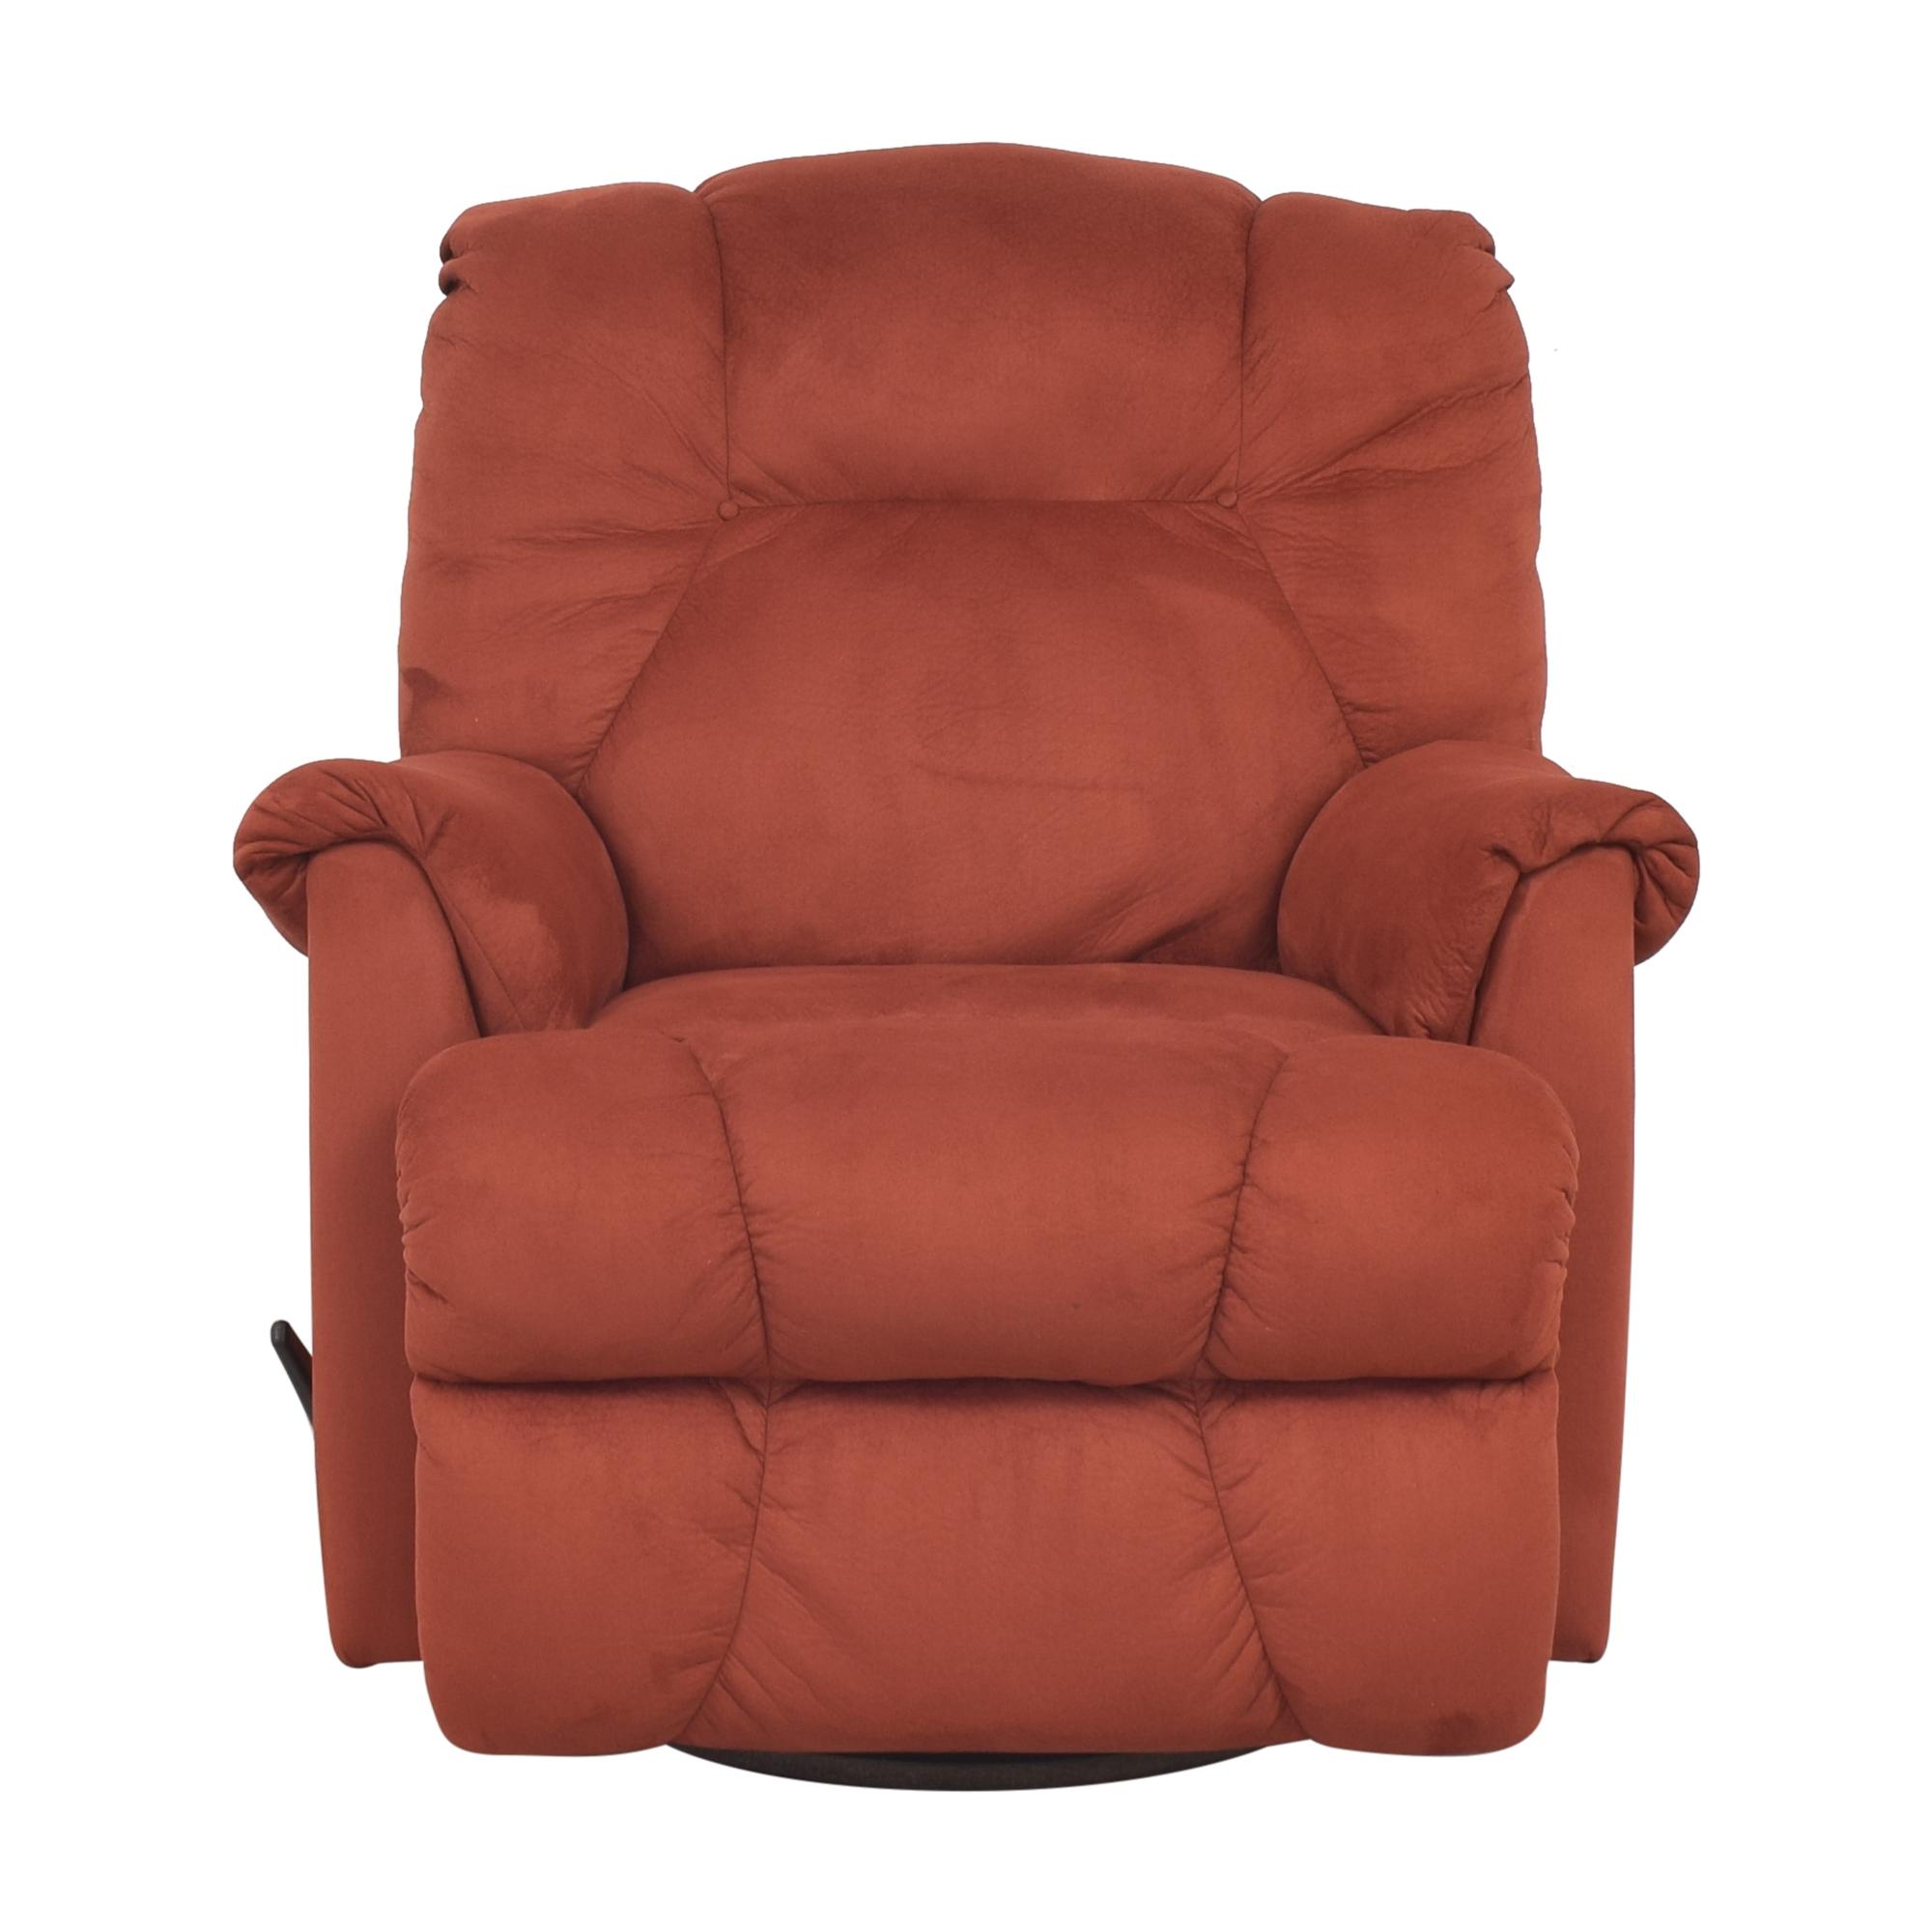 Lane Furniture Lane Furniture Recliner Chair pa